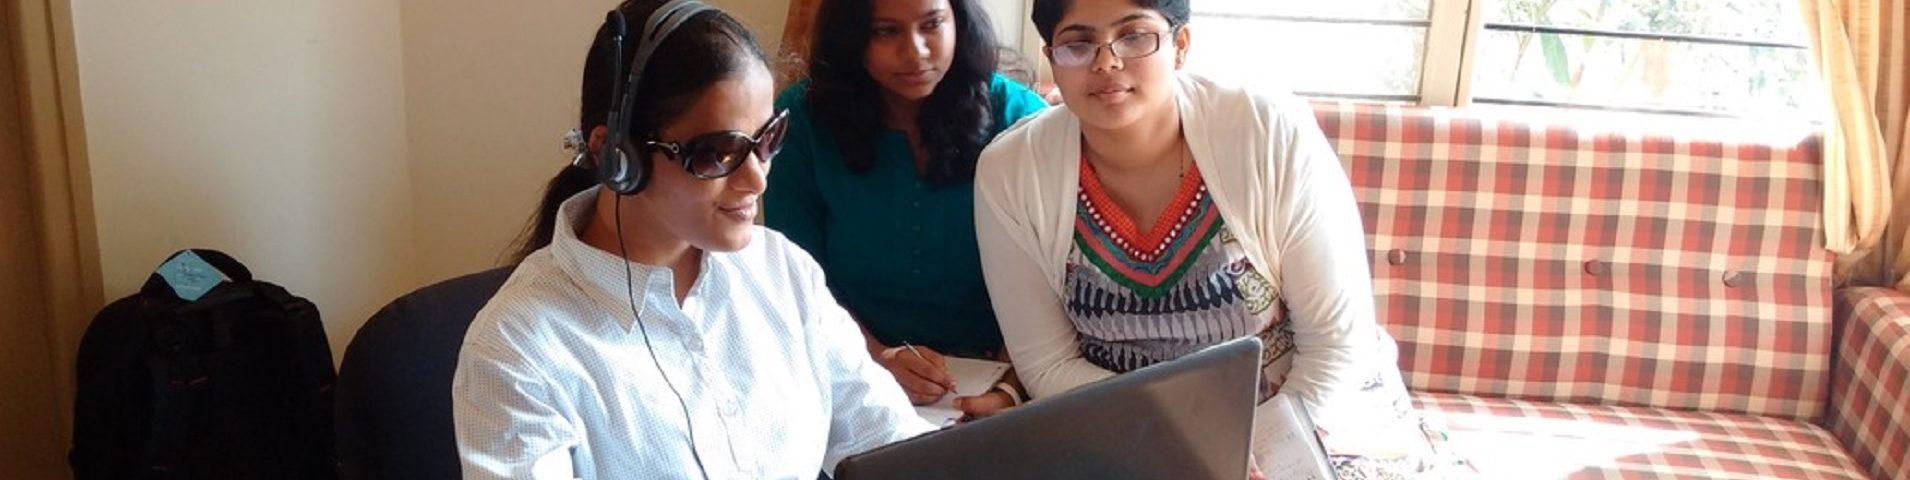 binni-kumar-with-research-associates-ilene-and-kamala-at-mitra-jyothi-bangalore